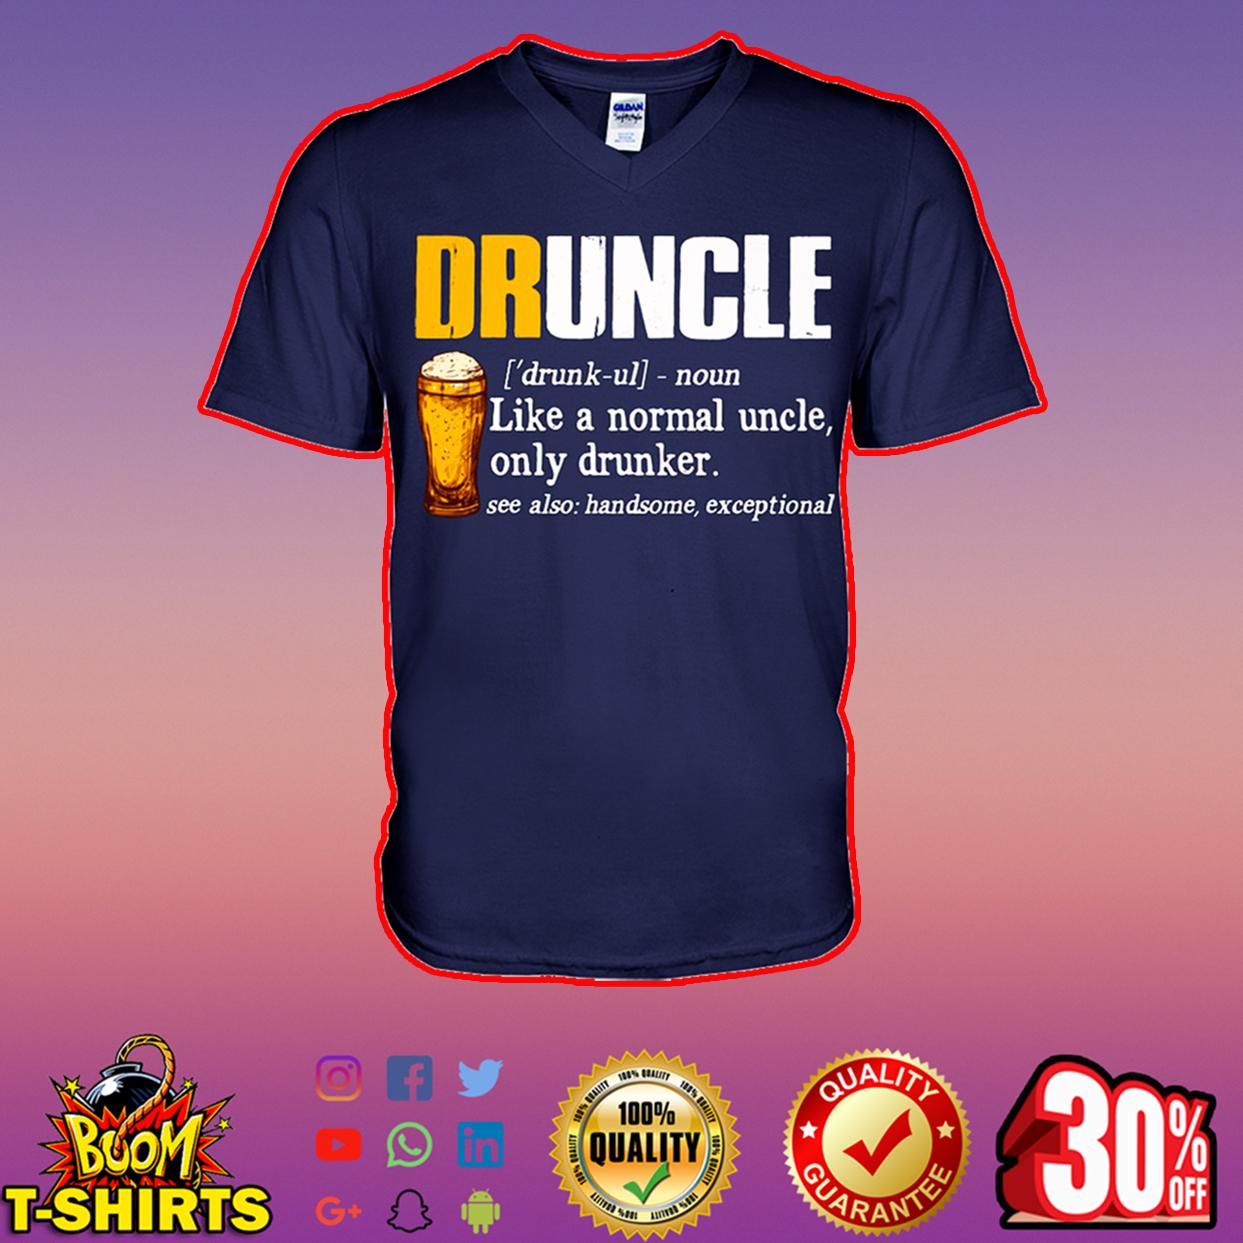 Druncle like a normal uncle only drunker v-neck